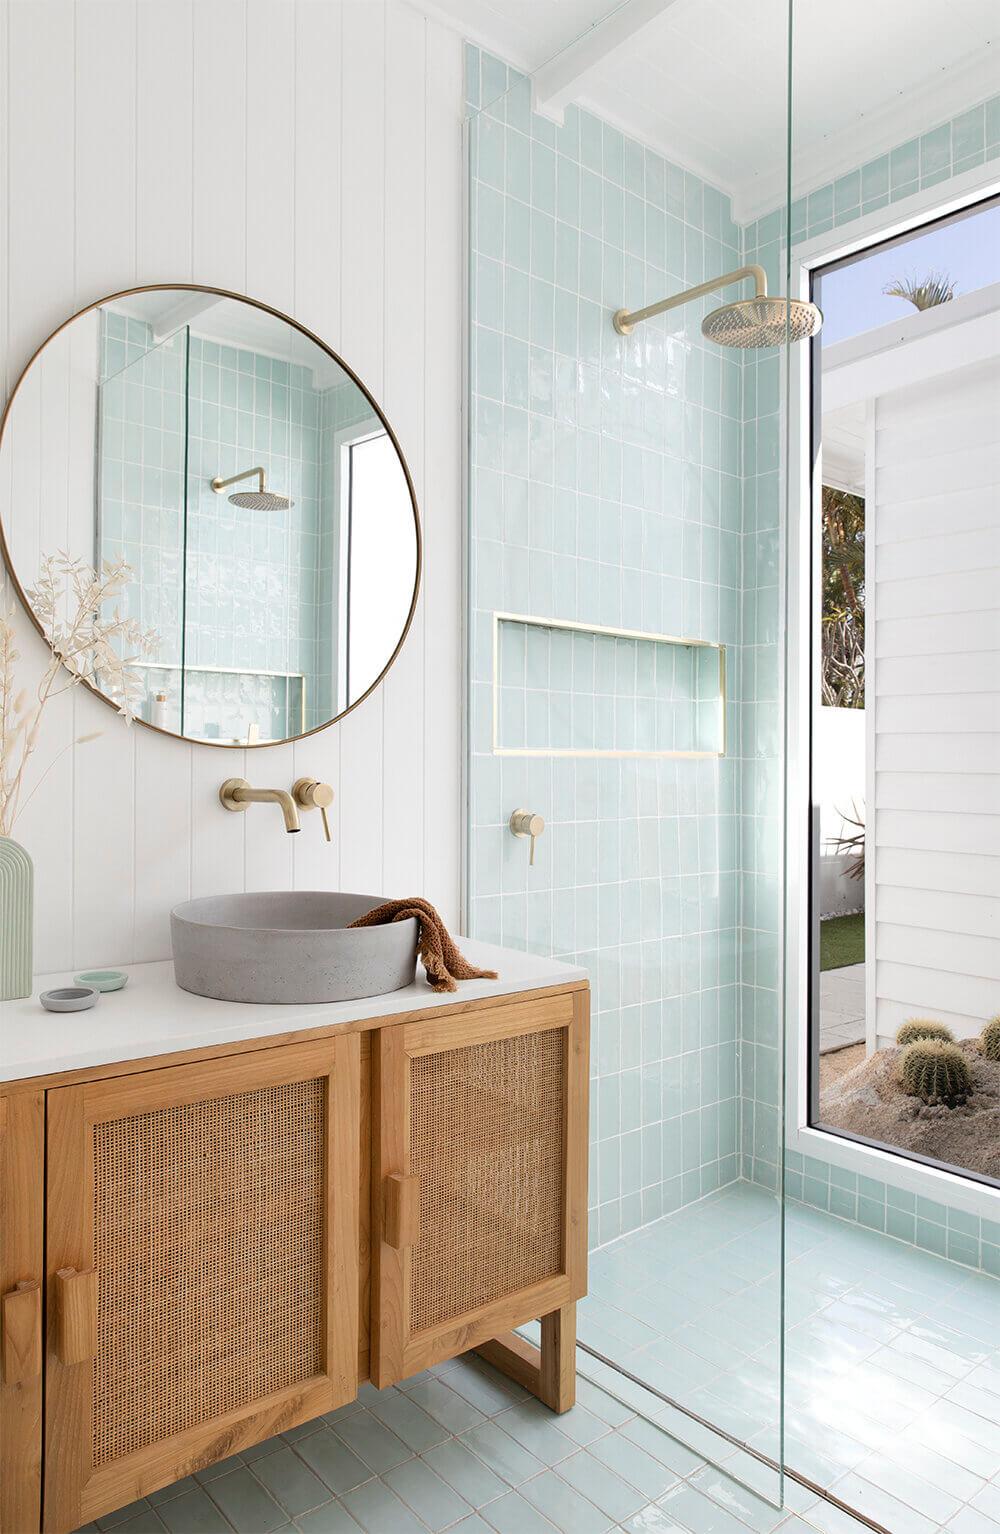 BilingaBathroom8LR - Douche ou baignoire, faire un choix pour la salle de bain